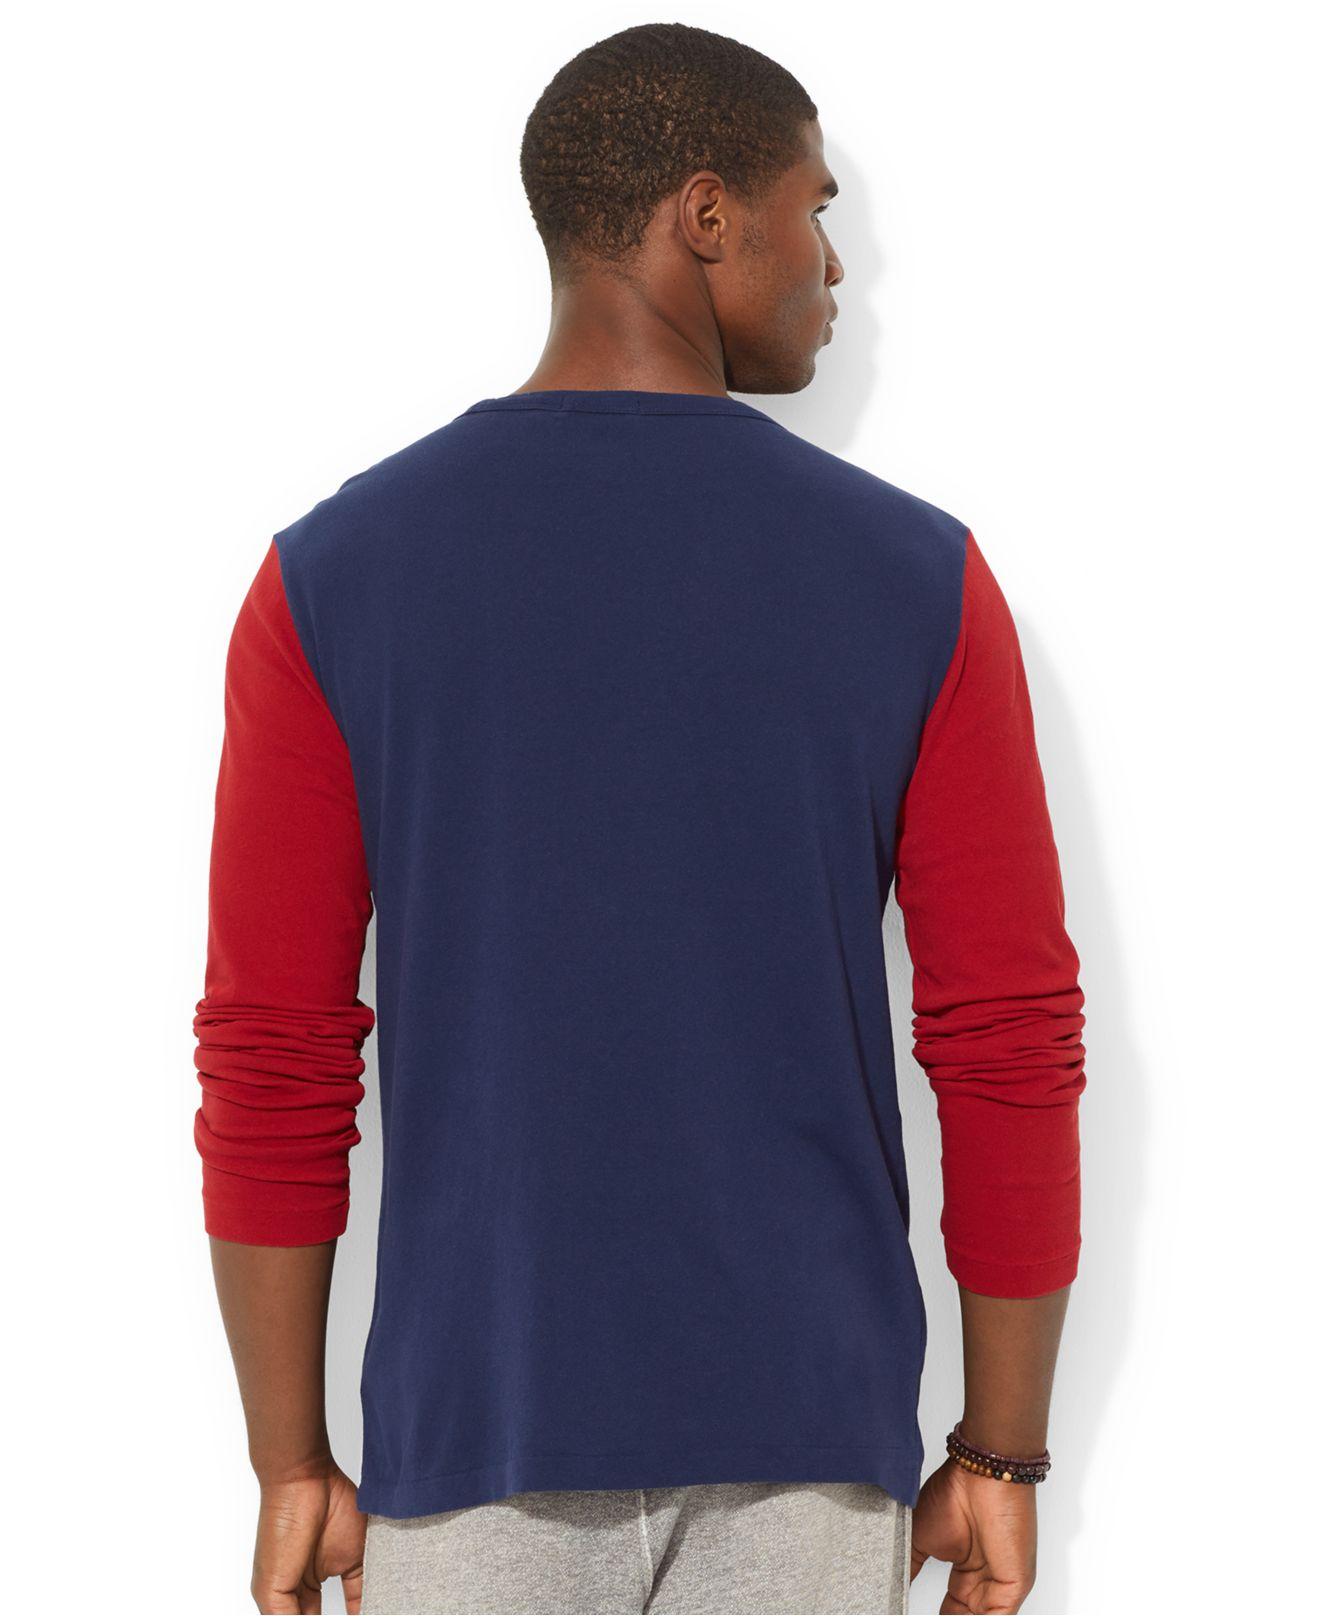 Polo ralph lauren jersey baseball shirt in red for men lyst for Ralph lauren polo jersey shirt